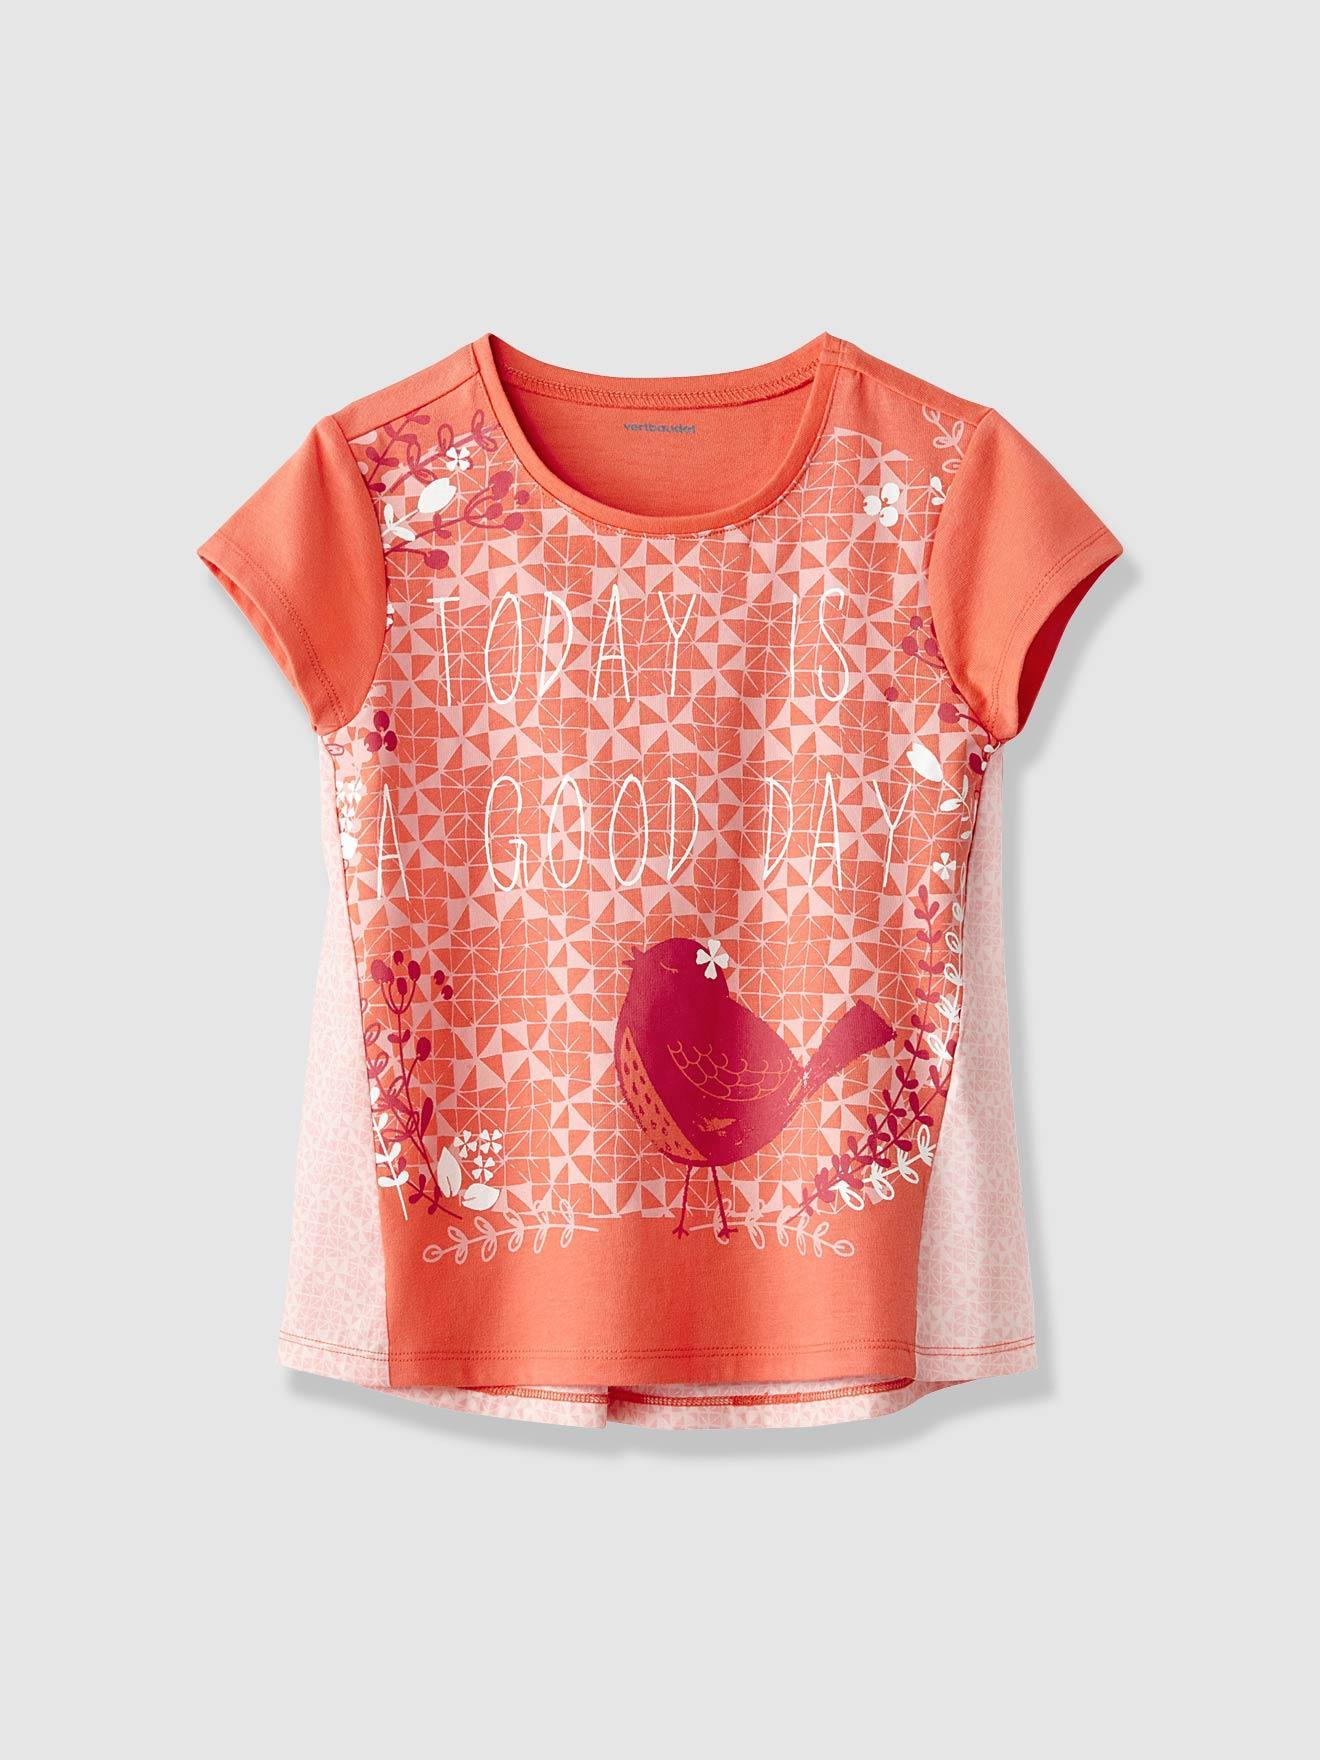 Jusqu'à 60% de réduction sur une sélection d'articles - Ex: T-shirt fille bimatière